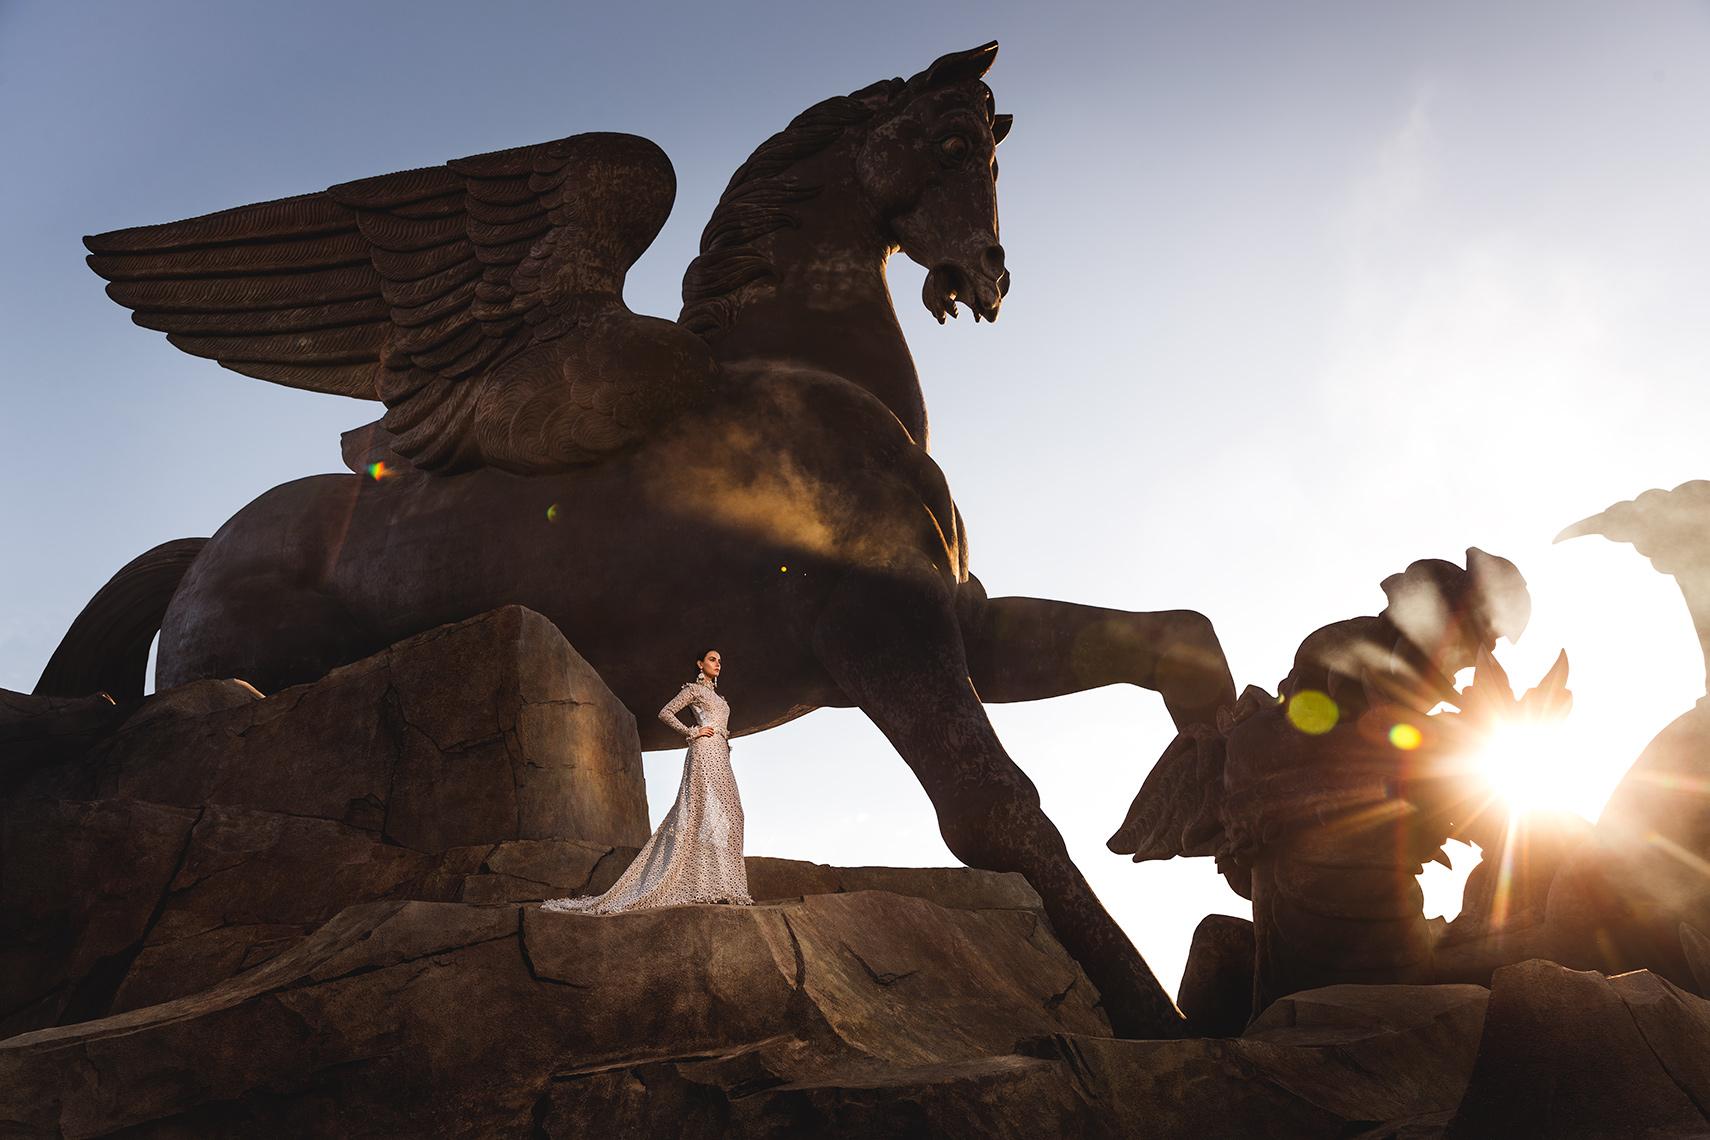 Model posing below Pegasus statue at the Pegasus World Cup Invitational